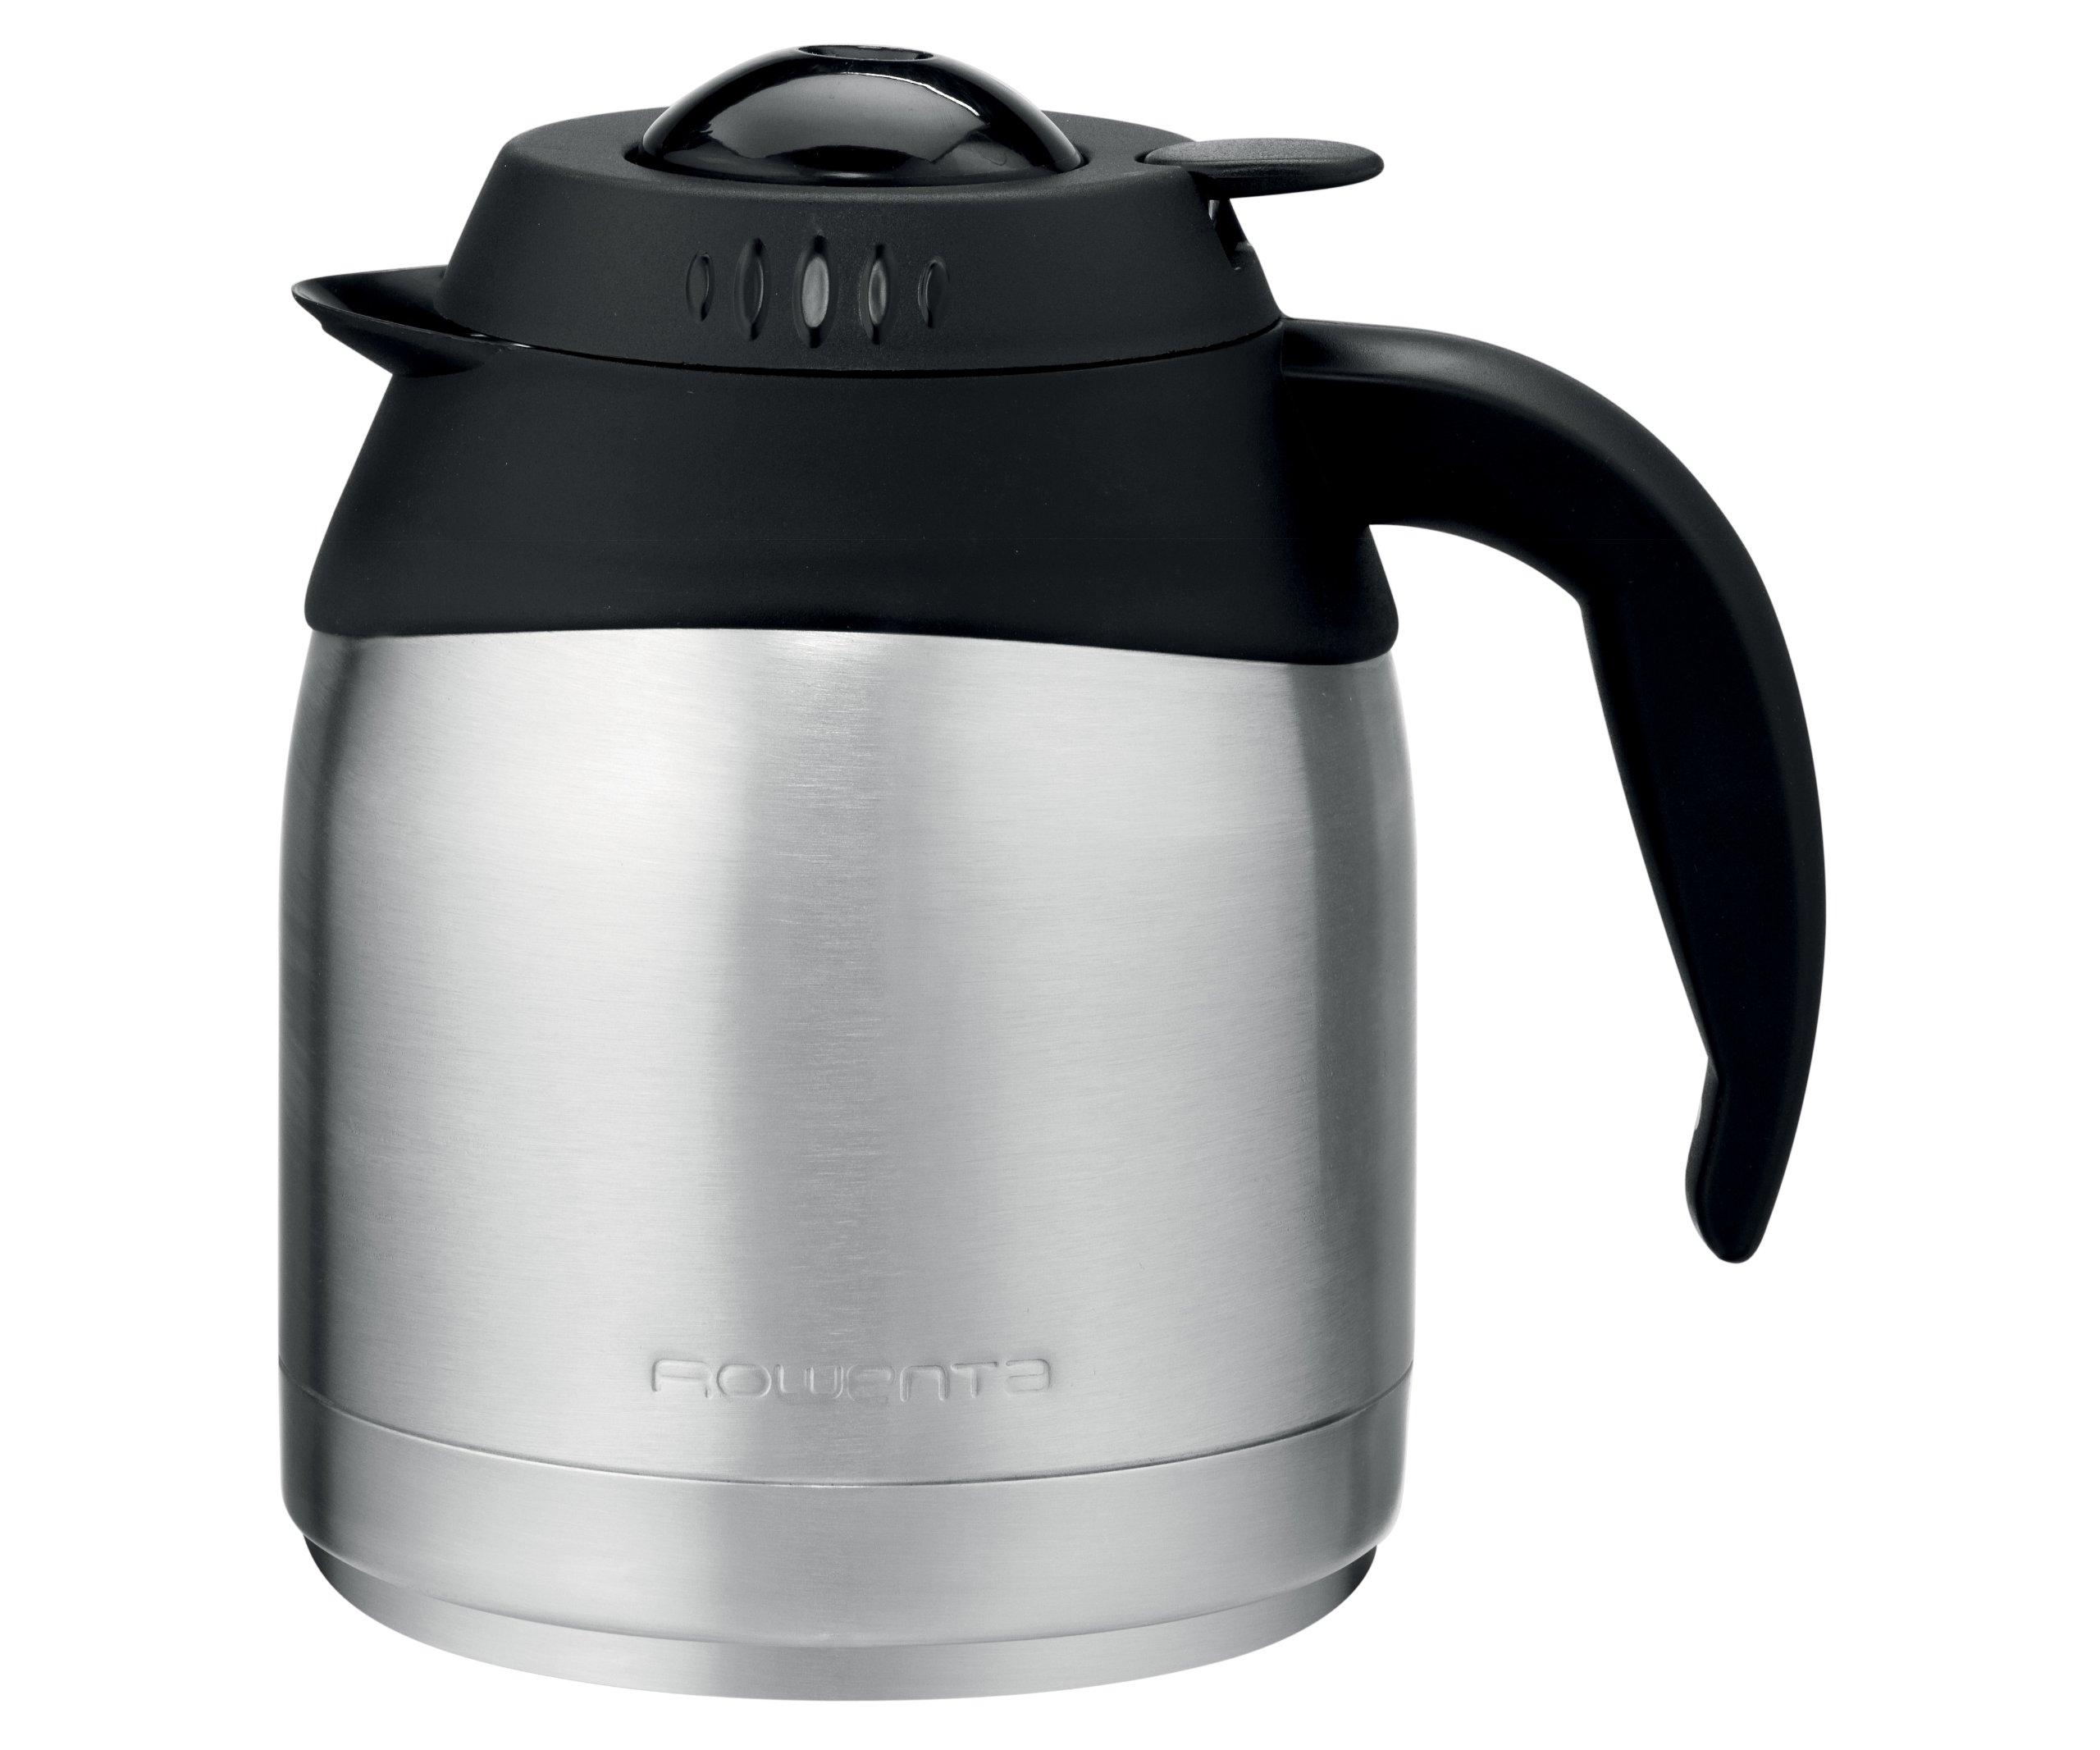 Rowenta-CT-3818-Kaffeemaschine-Milano-10-Tassen-Thermokanne-mit-4-Stunden-Warmhalte-Funktion-Tropf-Stopp-schwarz